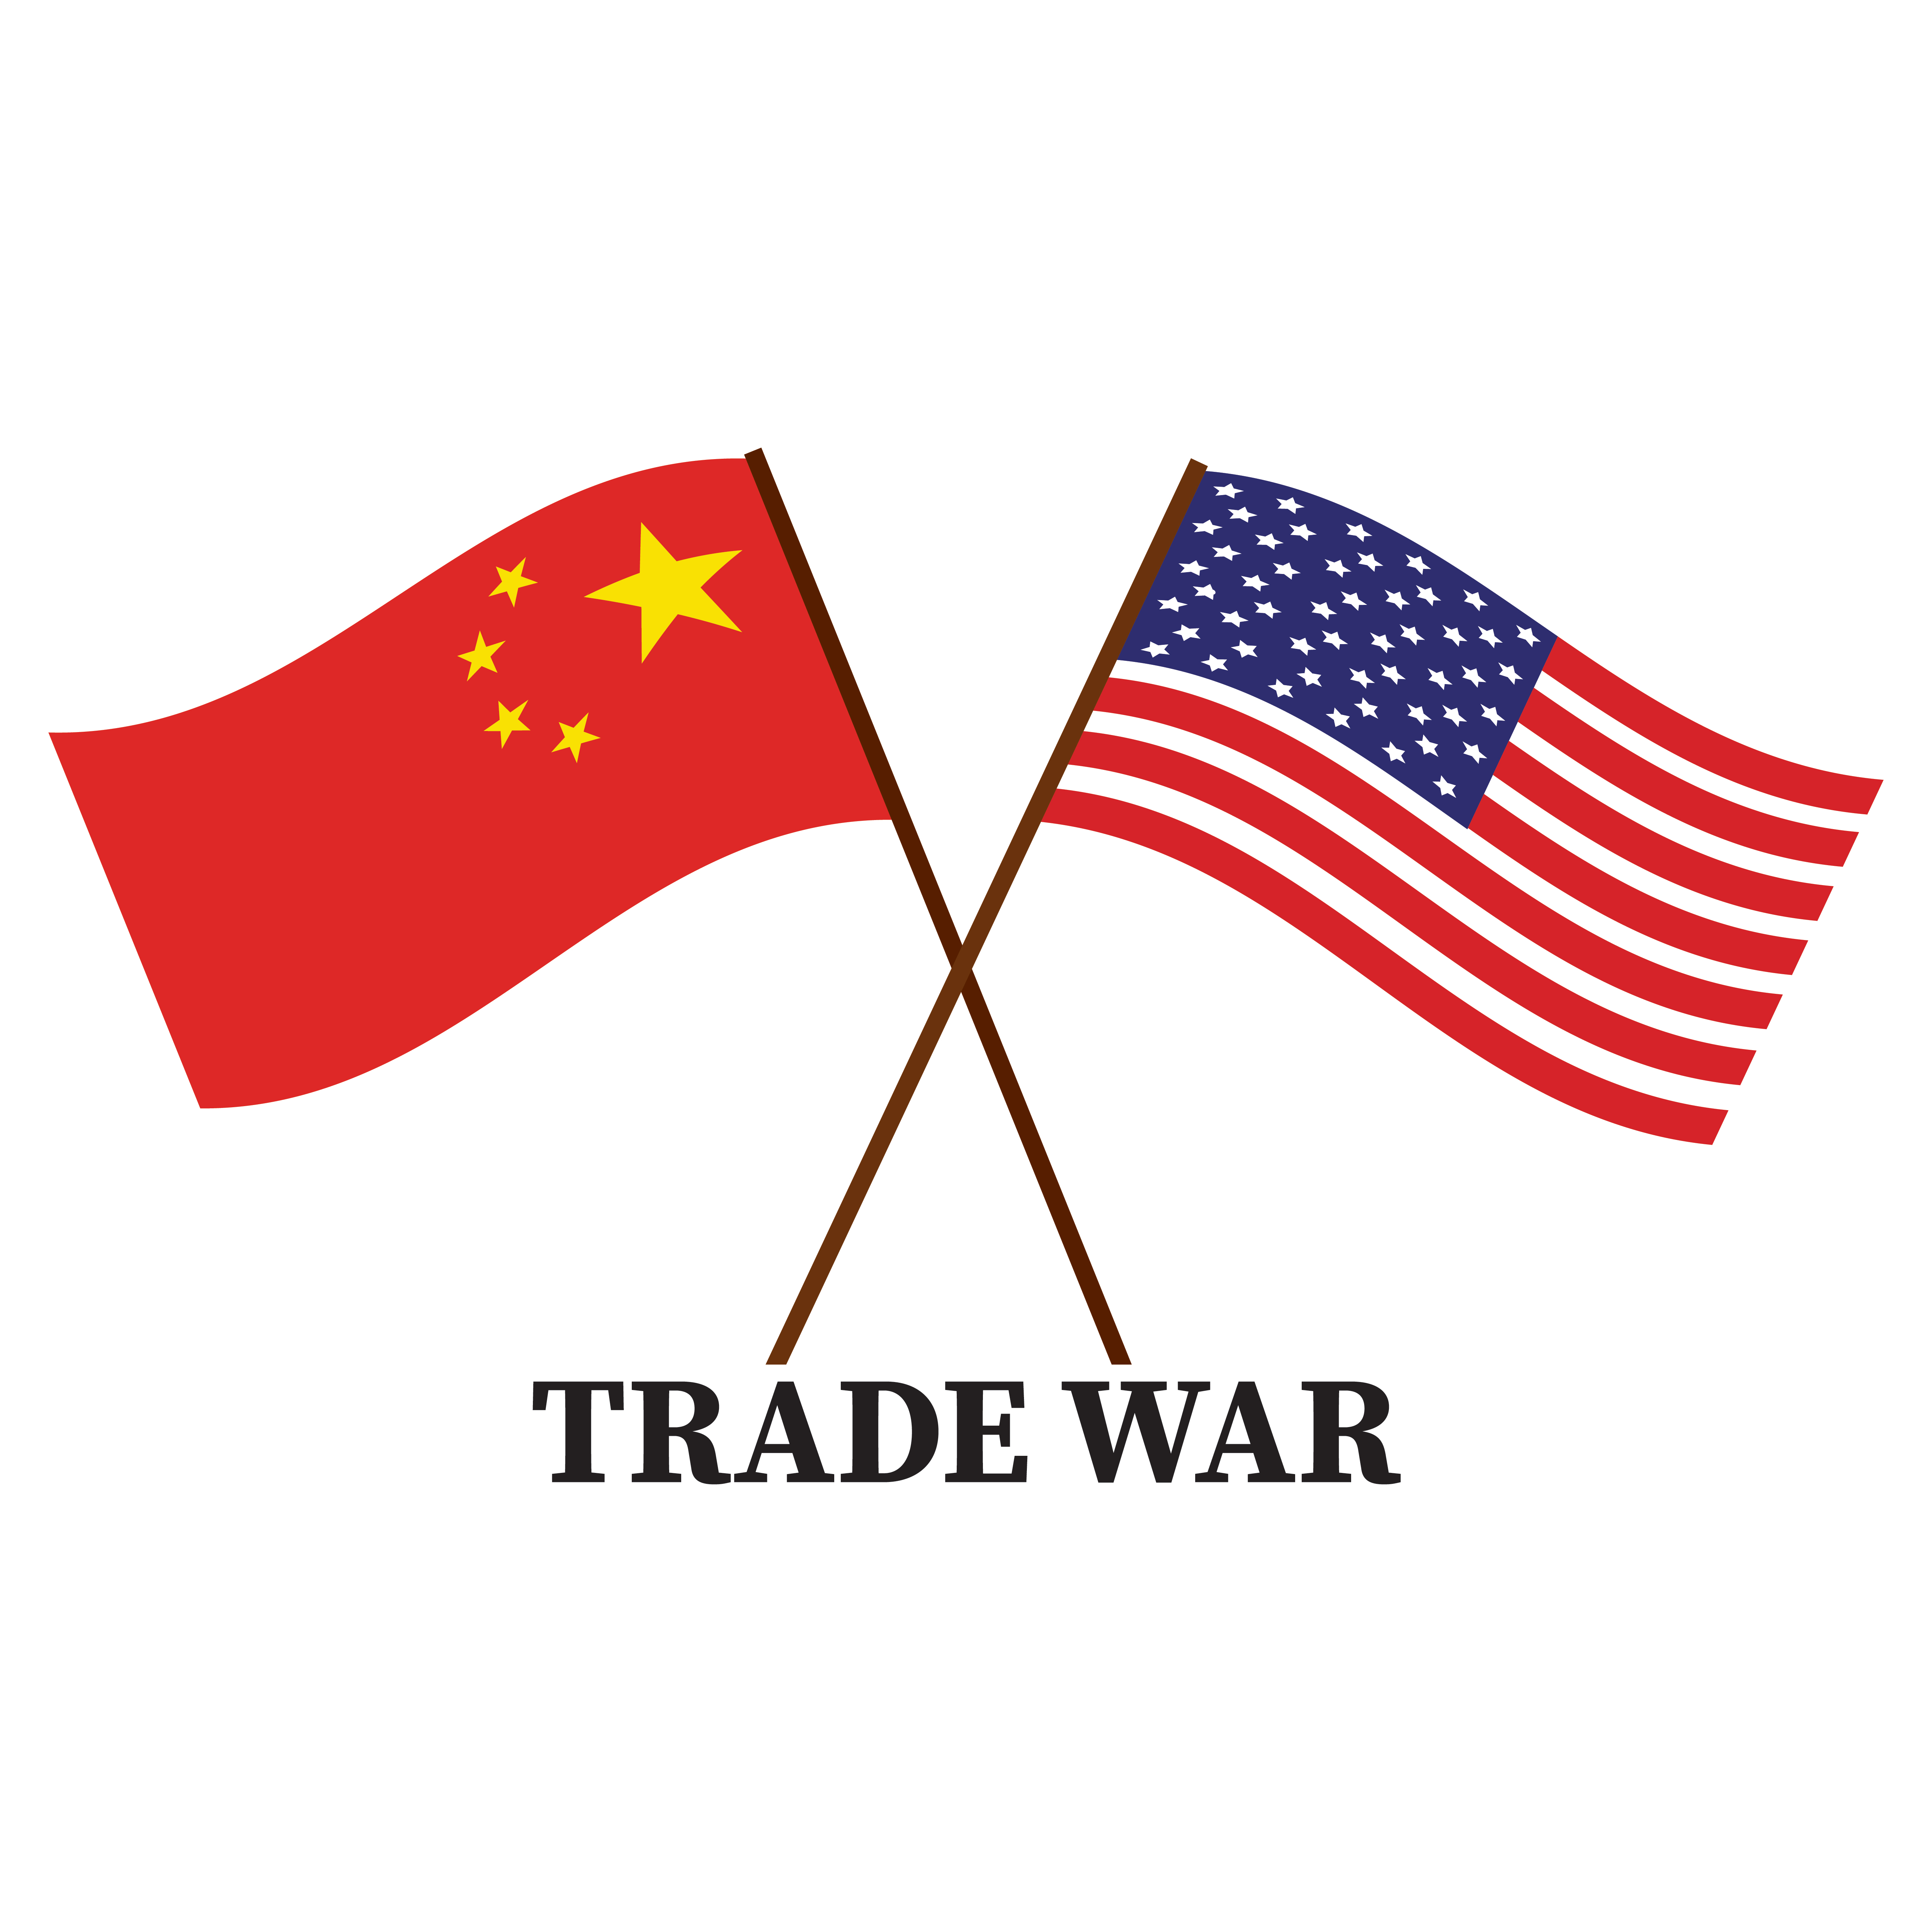 สหรัฐฯ ขึ้นภาษีนำเข้าอัญมณีและเครื่องประดับแท้จากจีน เพิ่มโอกาสส่งออกไ...